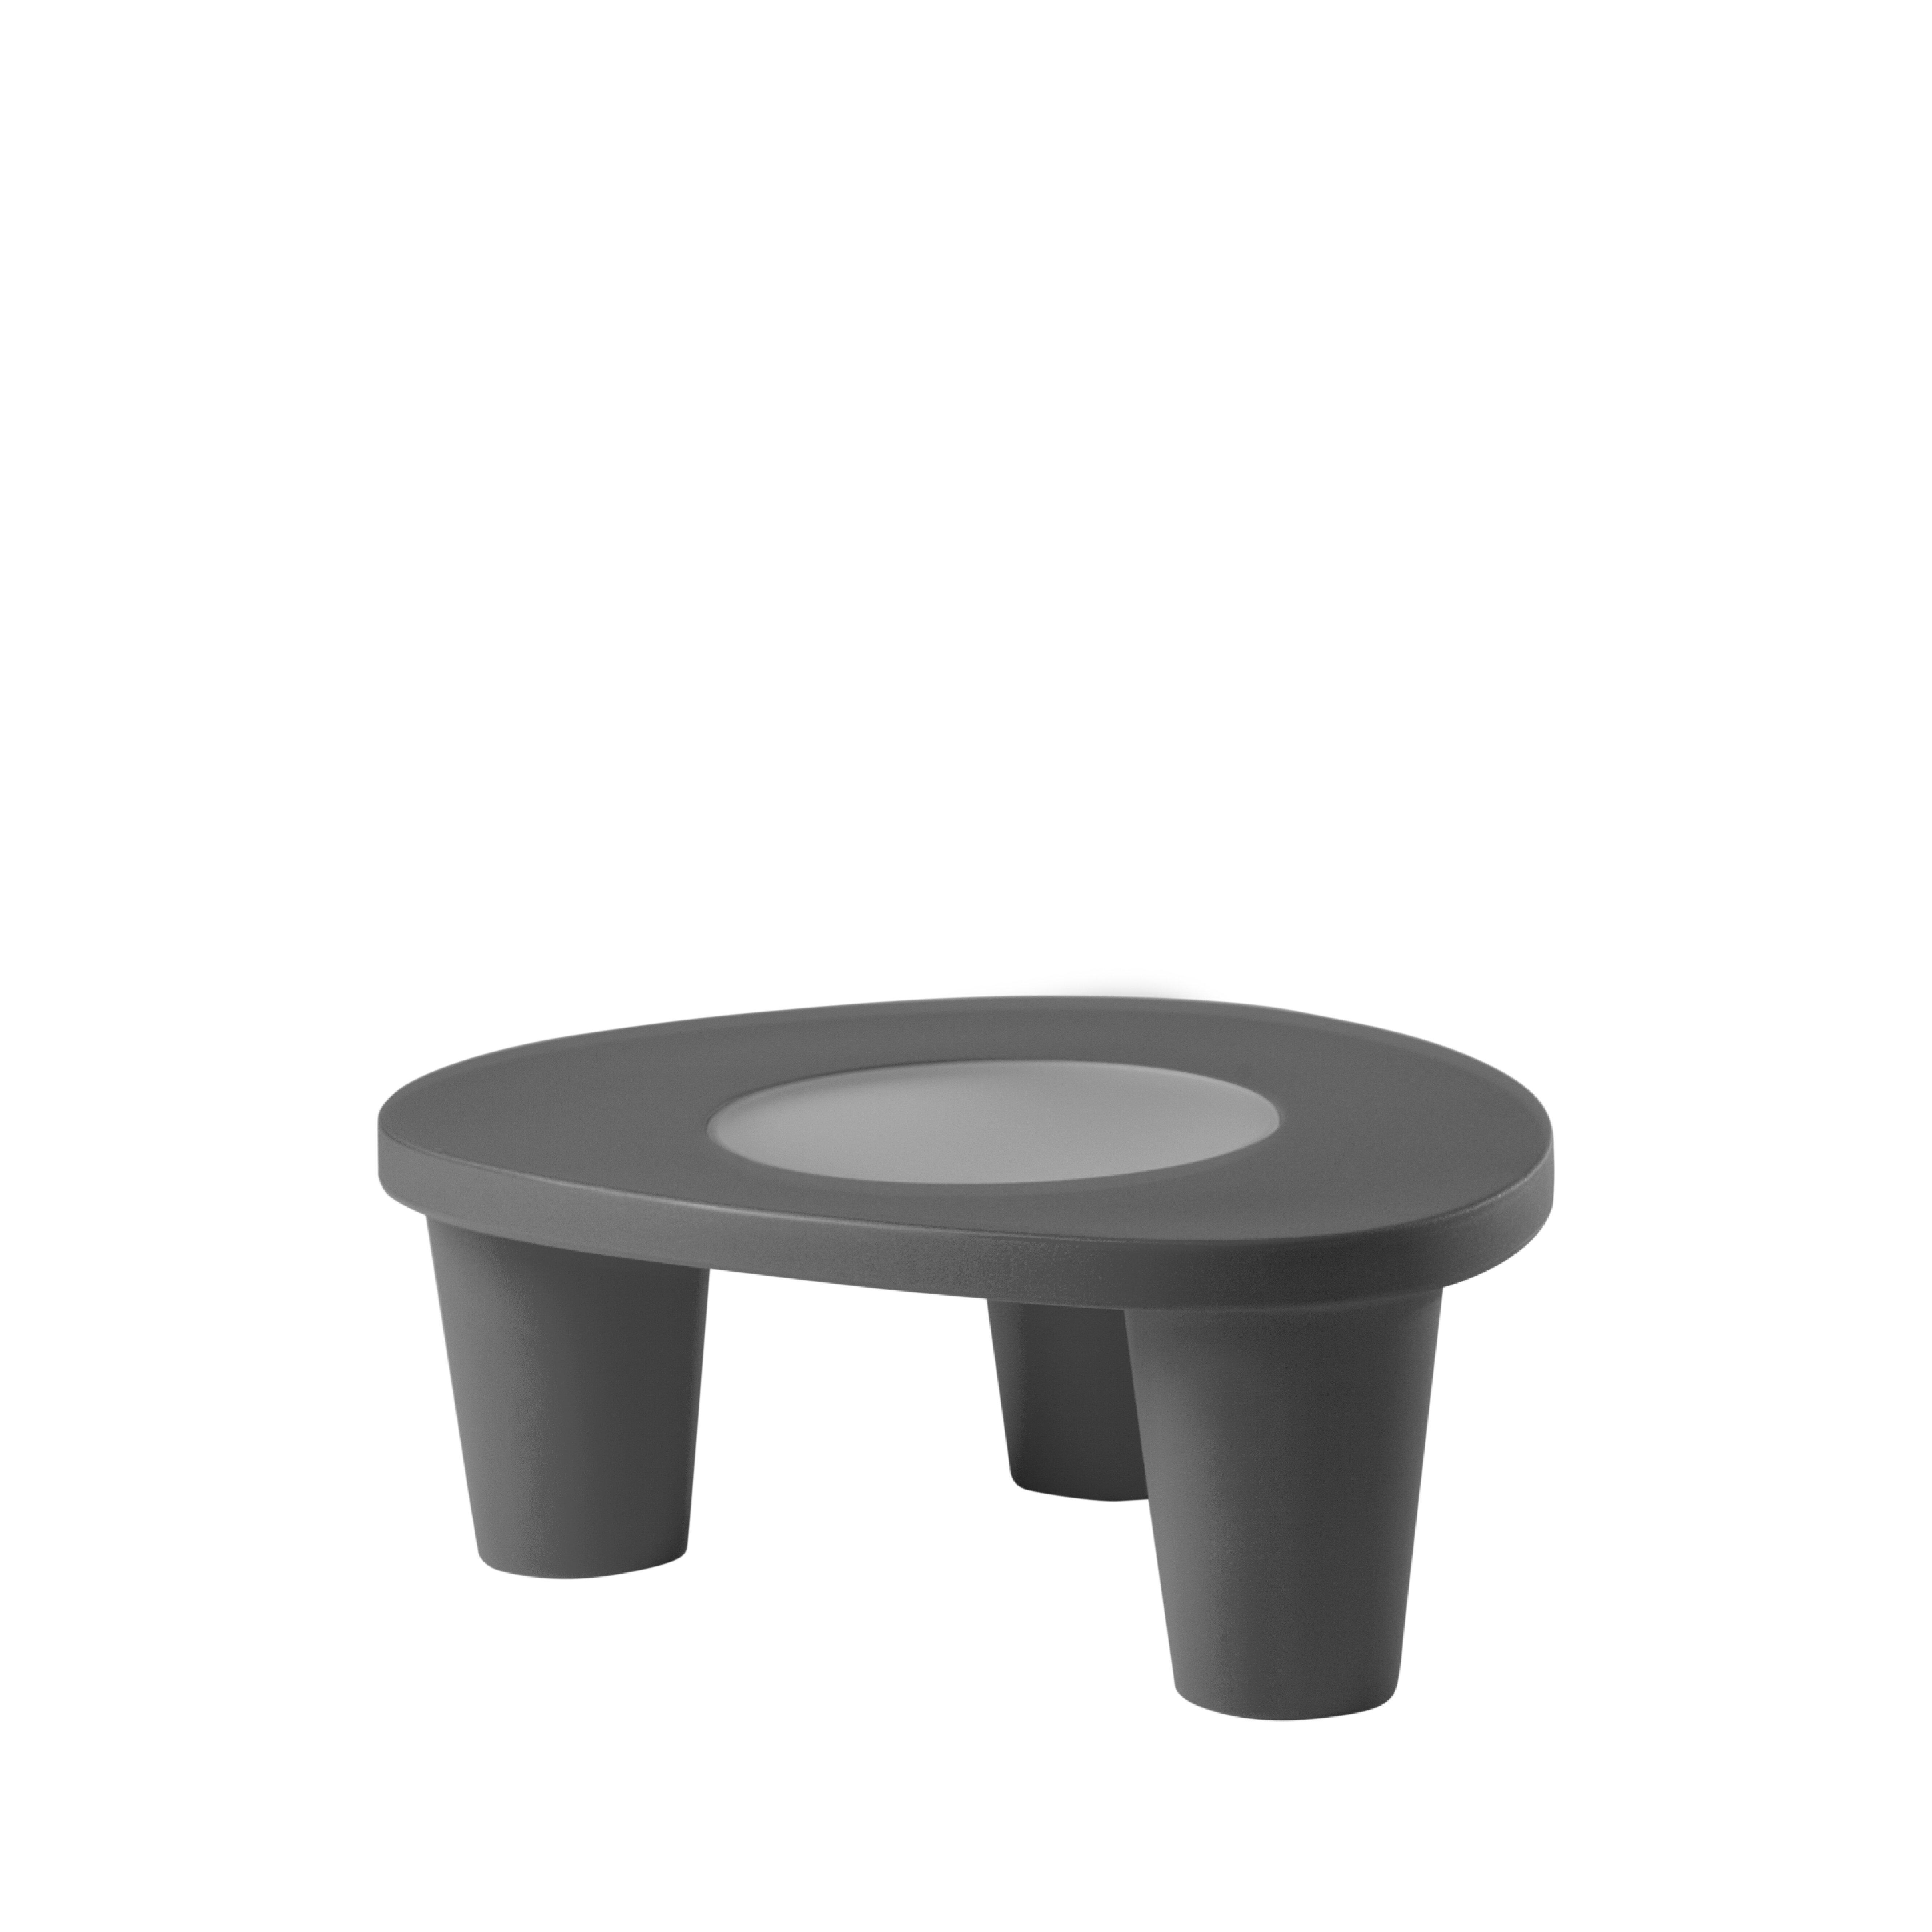 Low Plastic Coffee Table: Brayden Studio Low Gatun Plastic Coffee Table